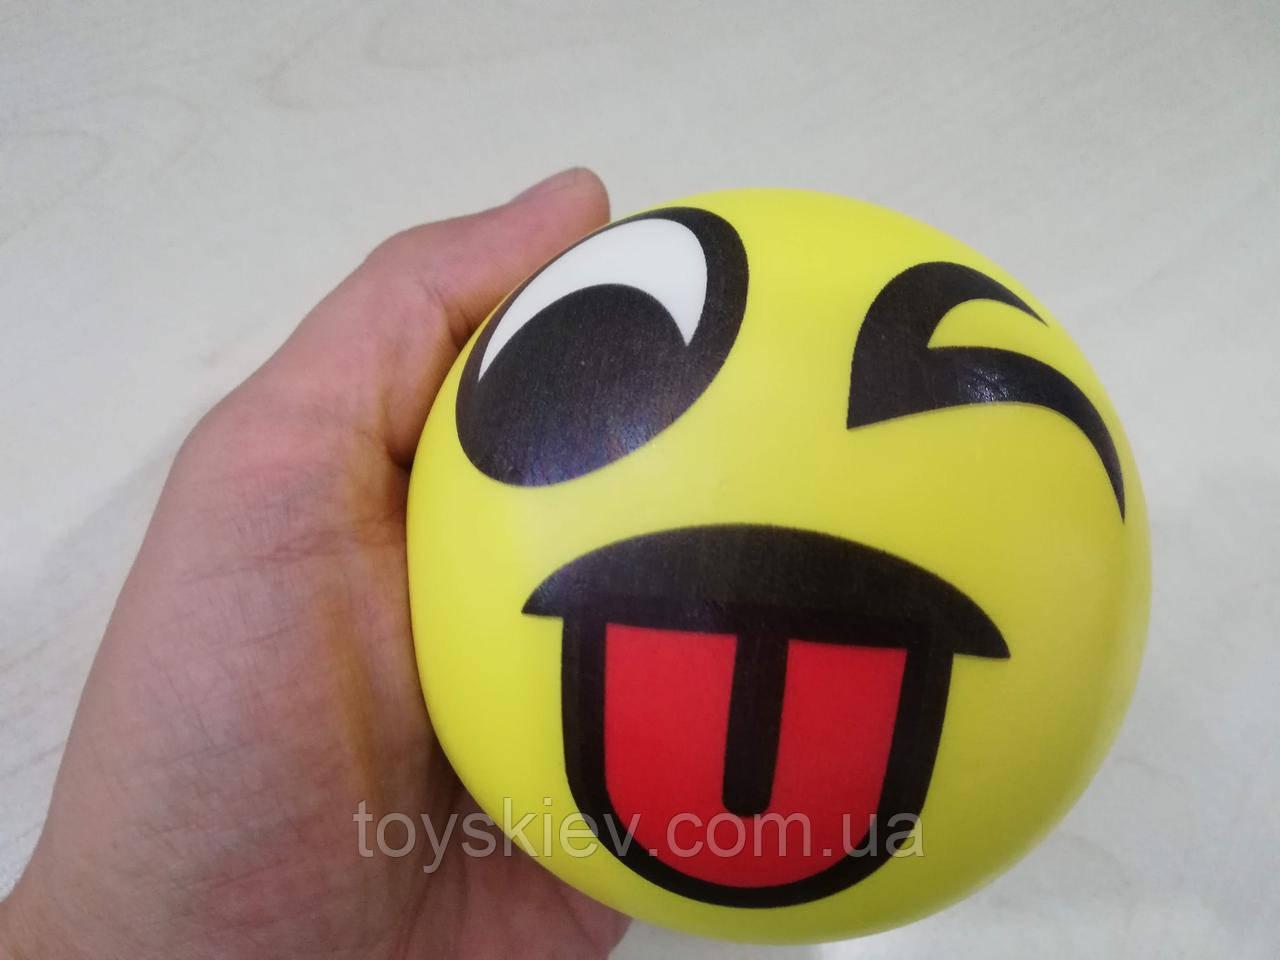 Сквиши SQUISHY Смайлик-2 Сквиш Антистресс игрушка большая 10*10см.